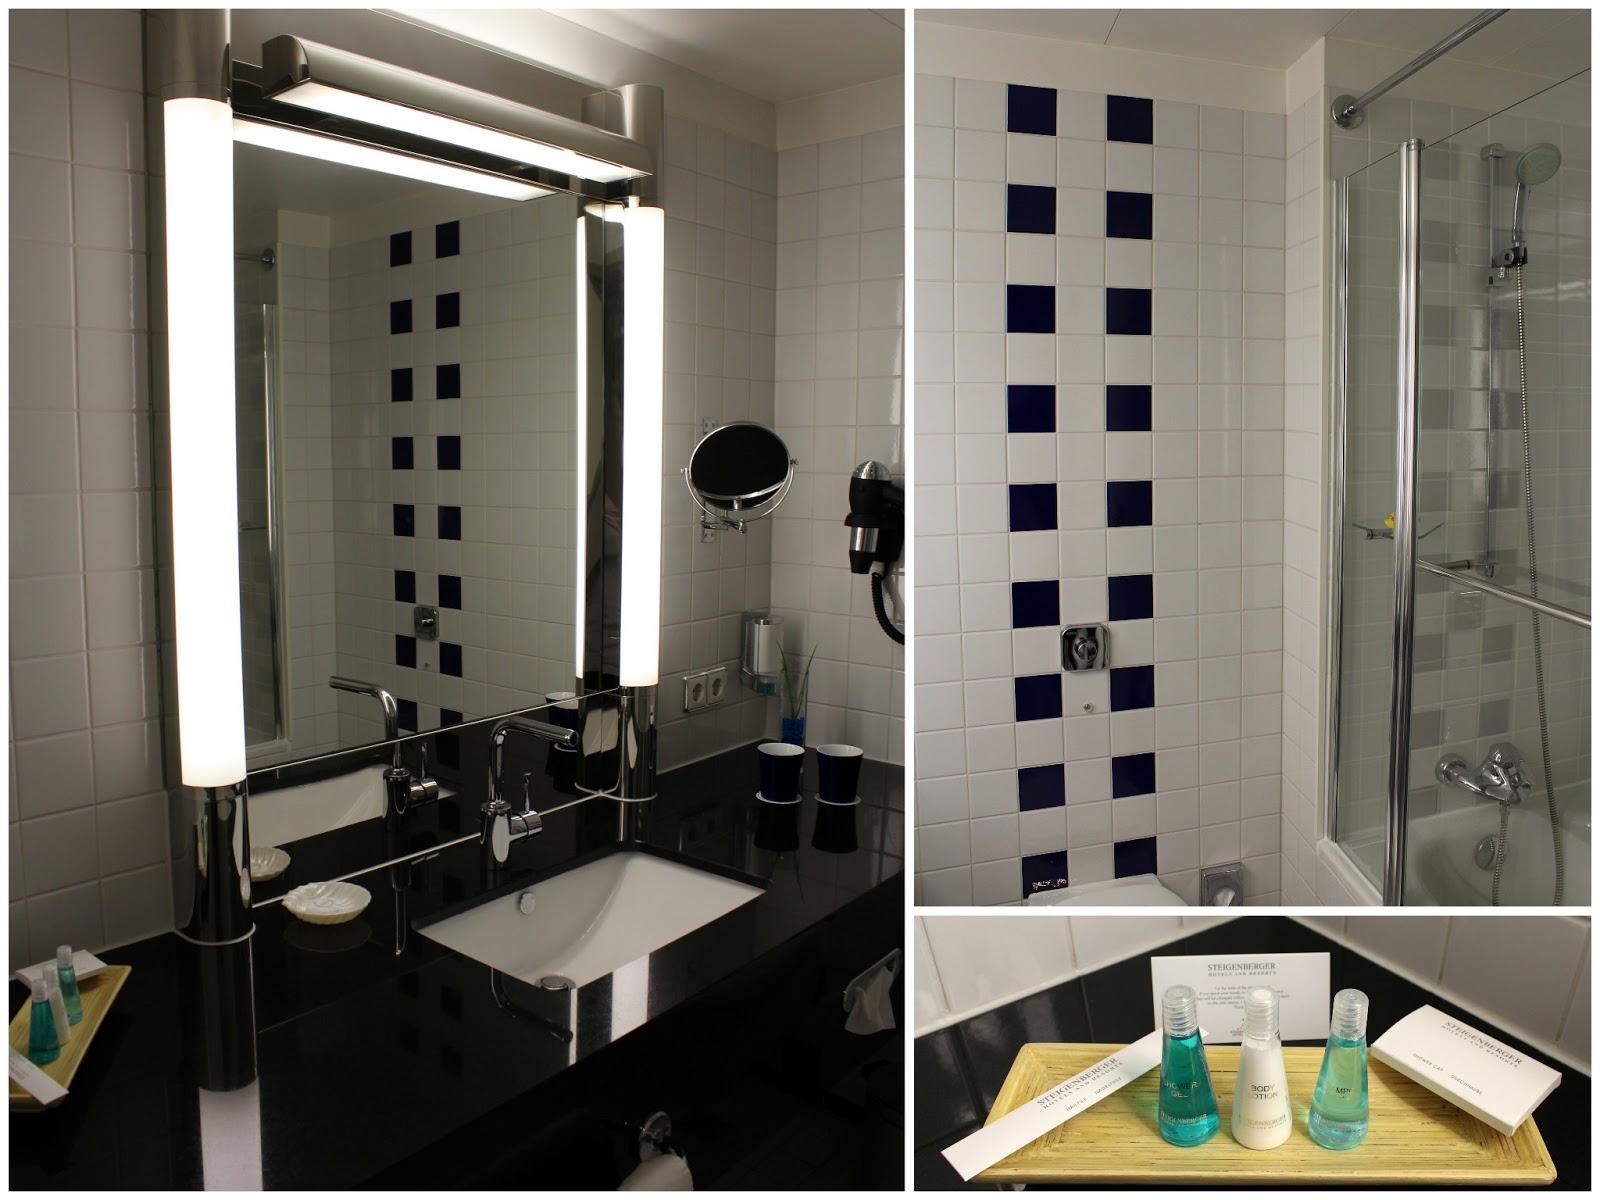 What do you fancy?: two nights @steigenberger esplanade hotel in jena